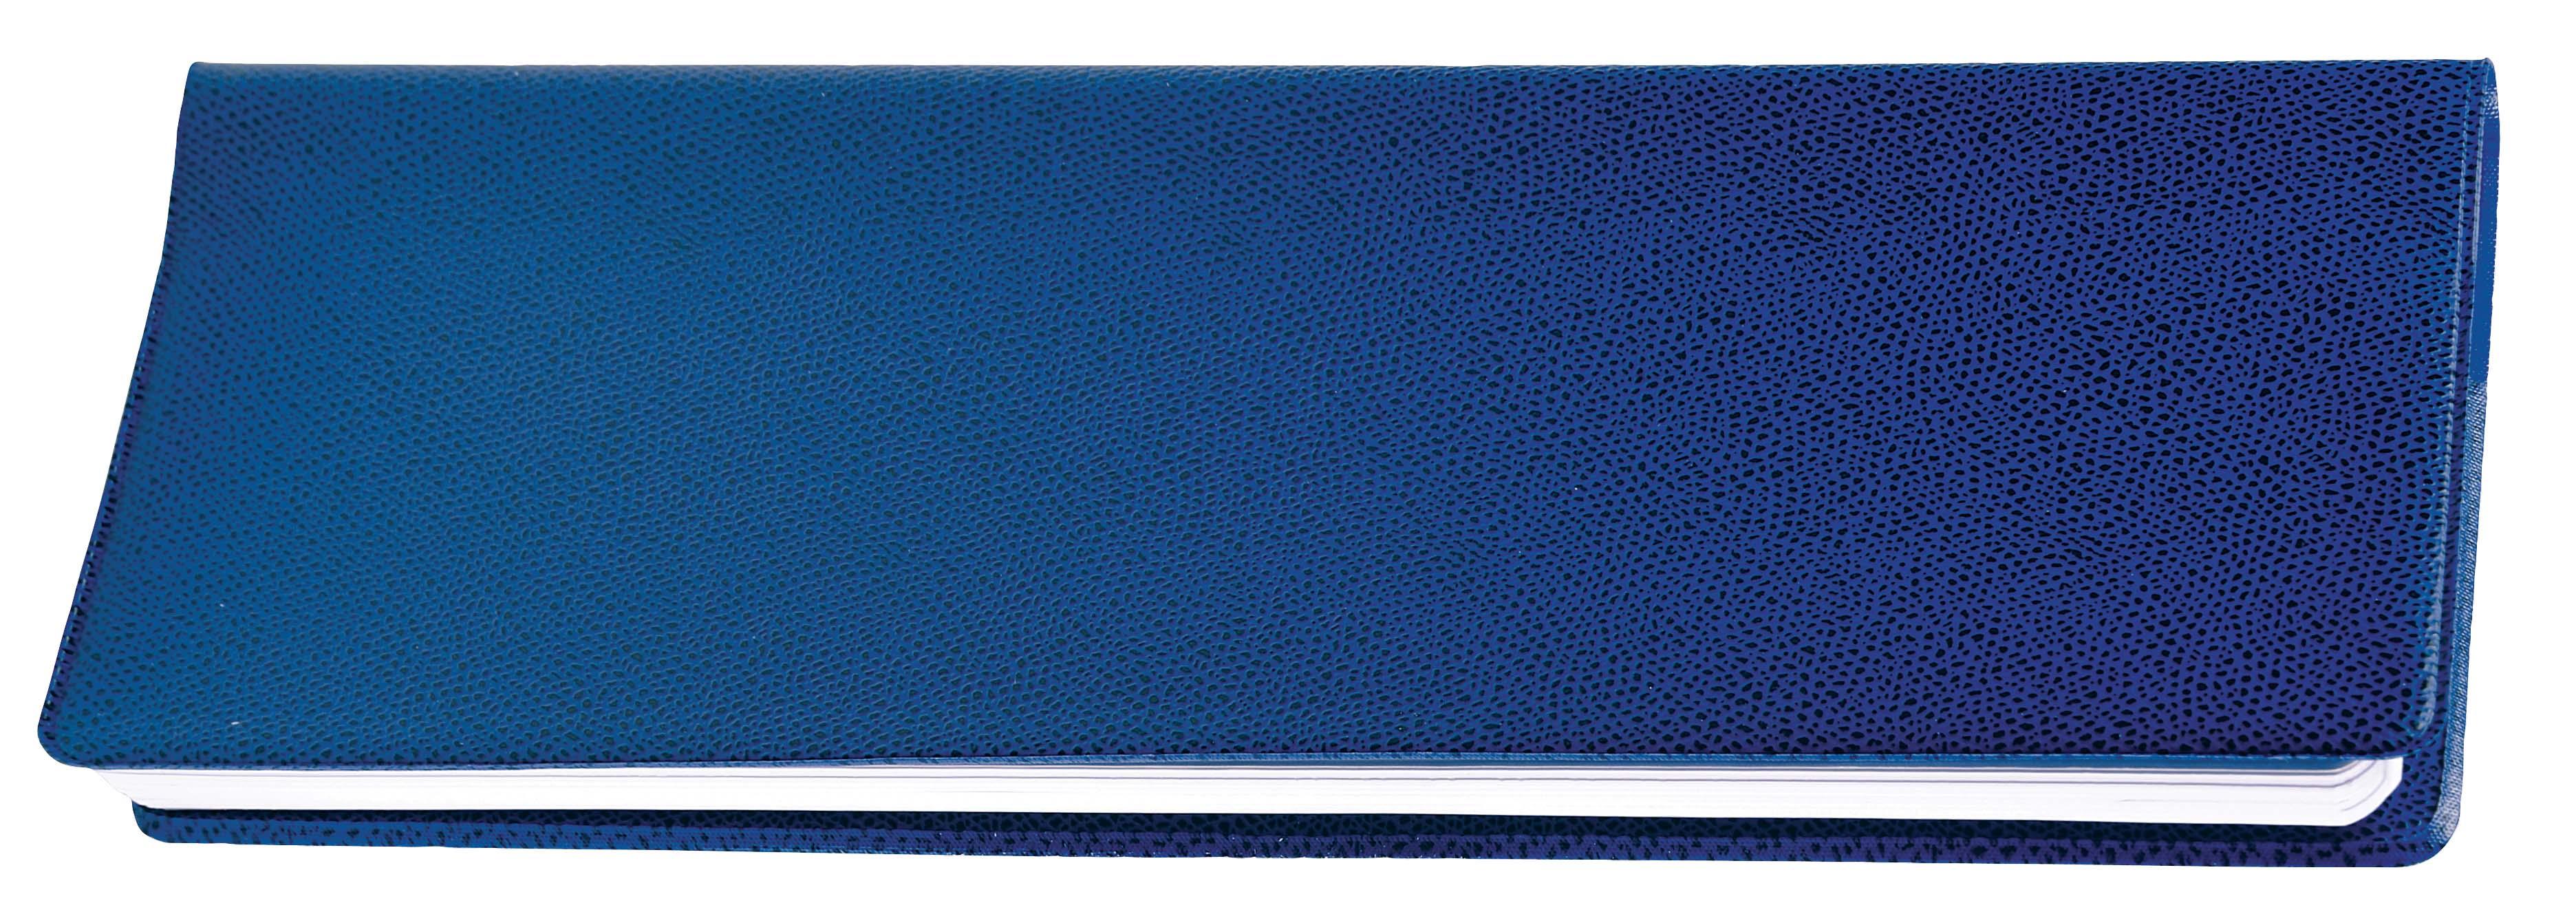 Agenda Impala Agendascop - 1 semaine sur 2 pages - 30 x 10 cm - disponible dans différentes couleurs - Quo Vadis